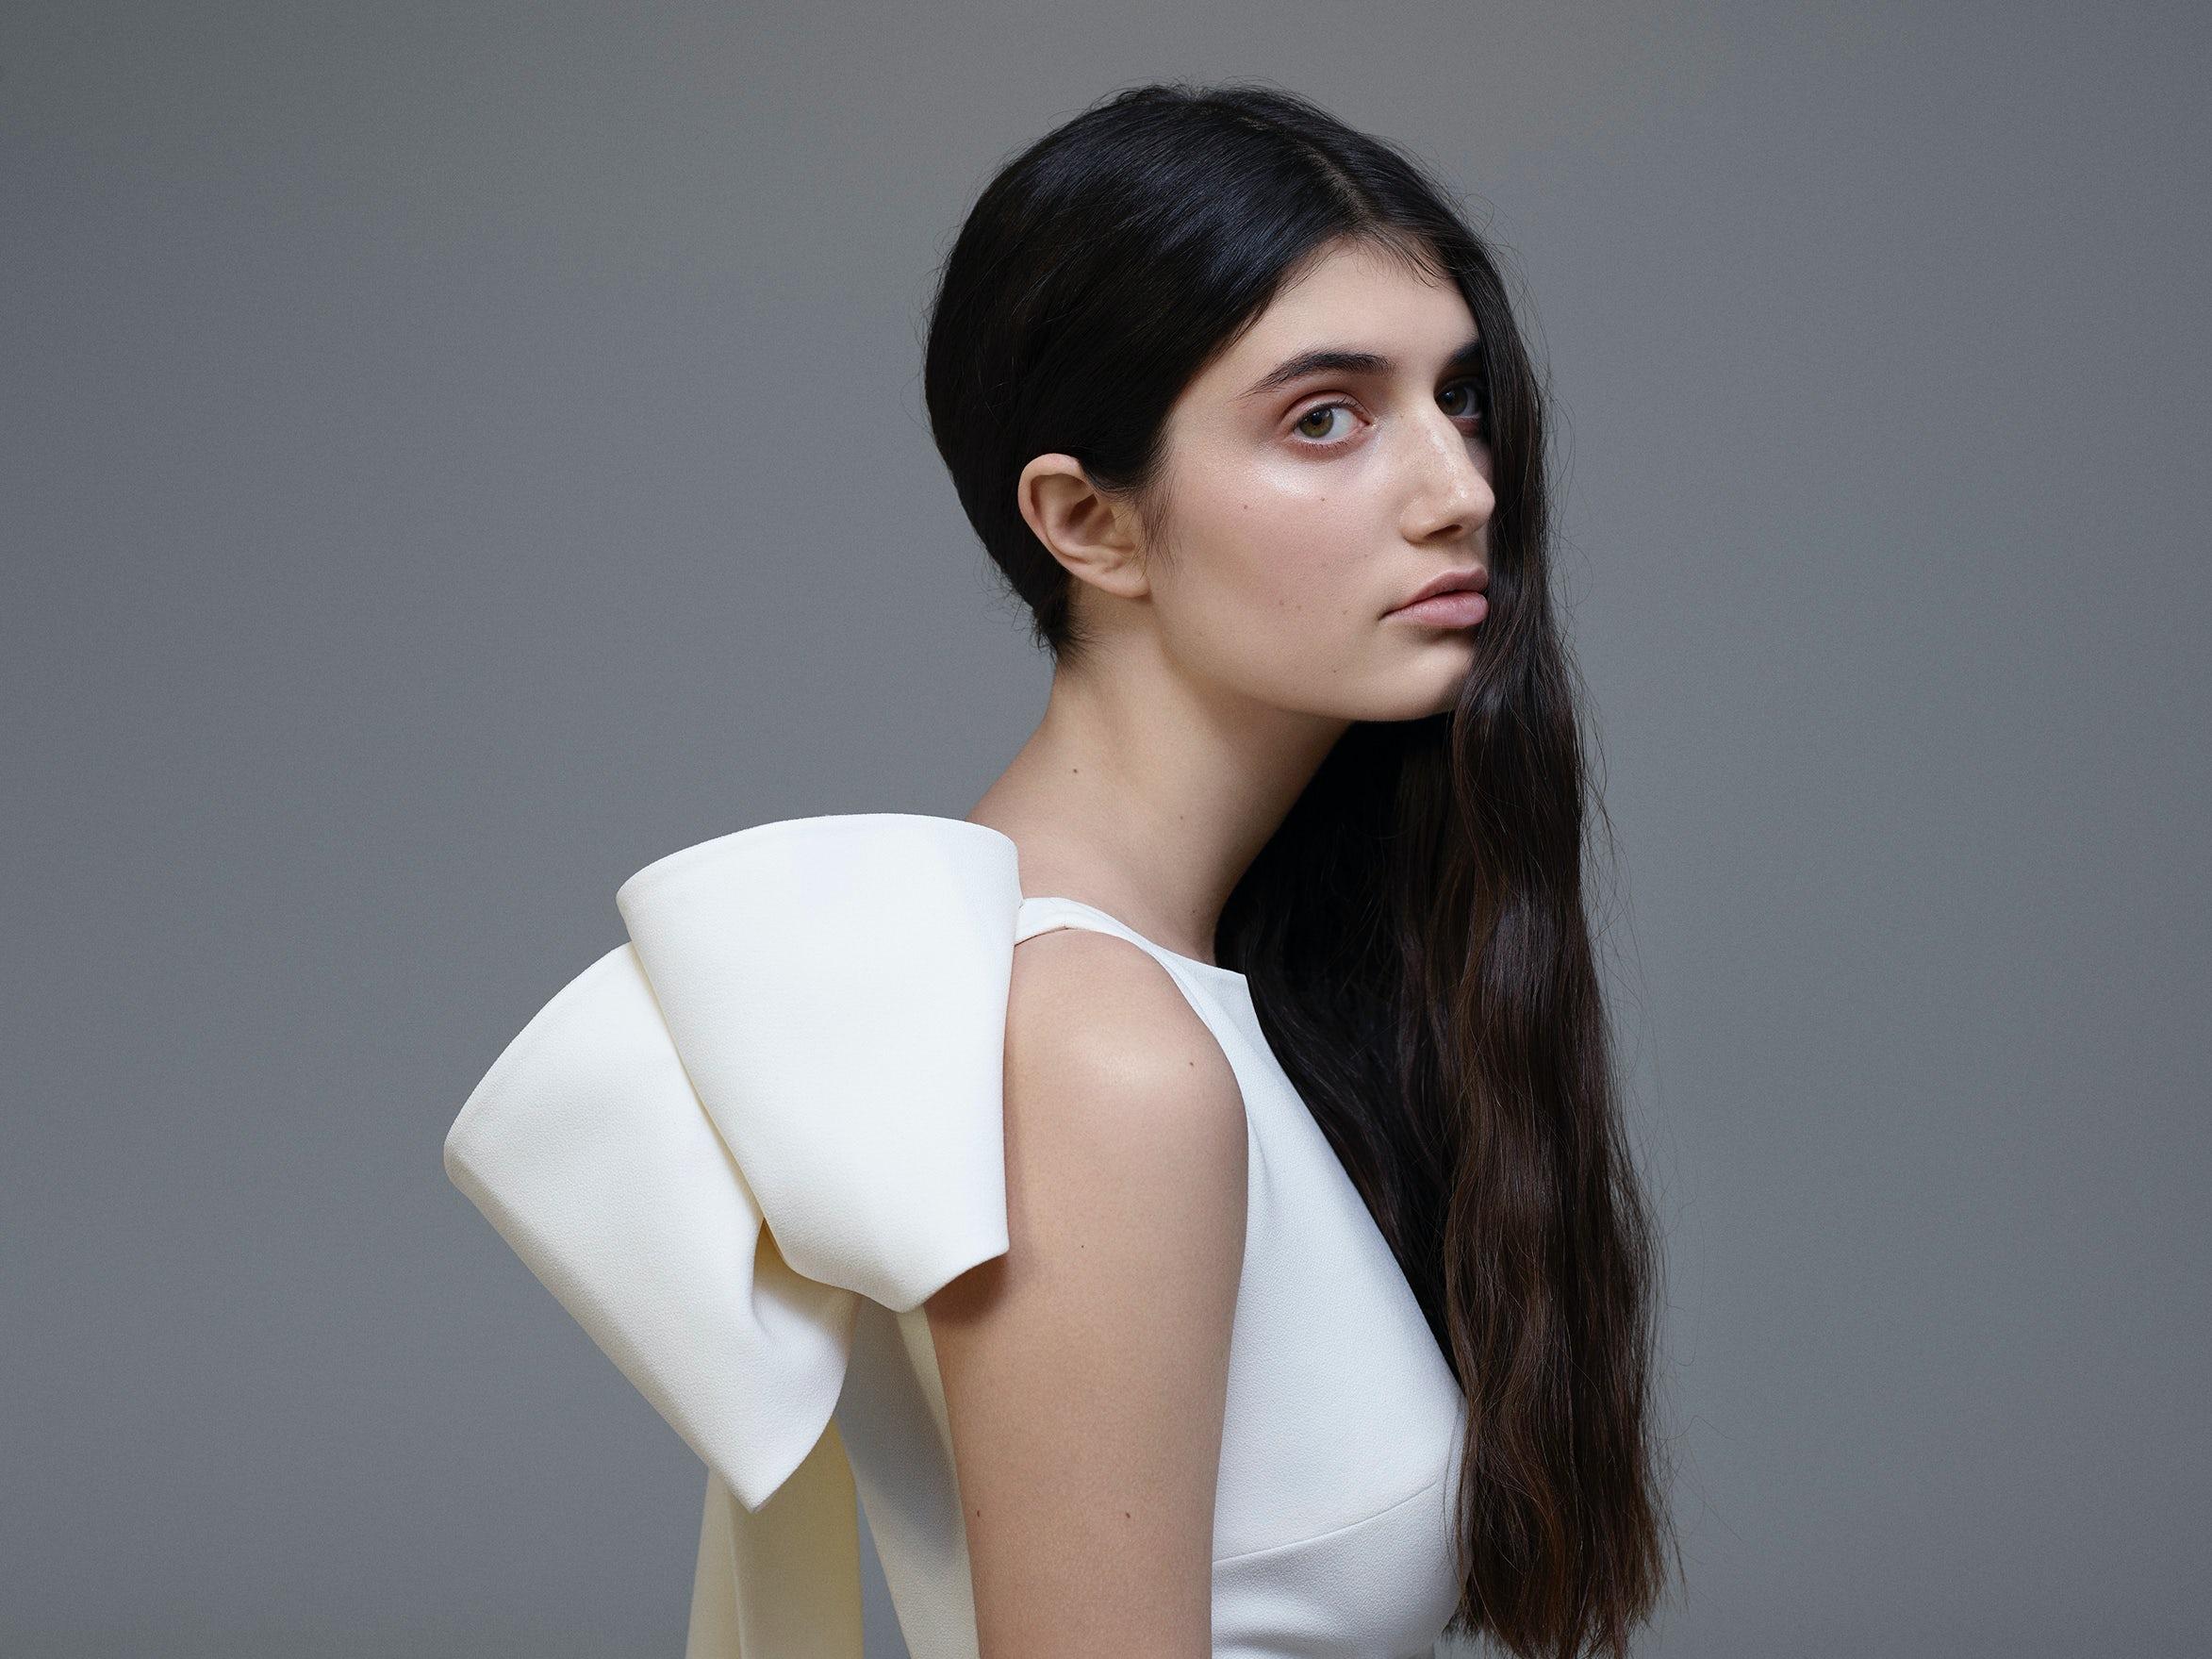 Profile image for Safiyaa